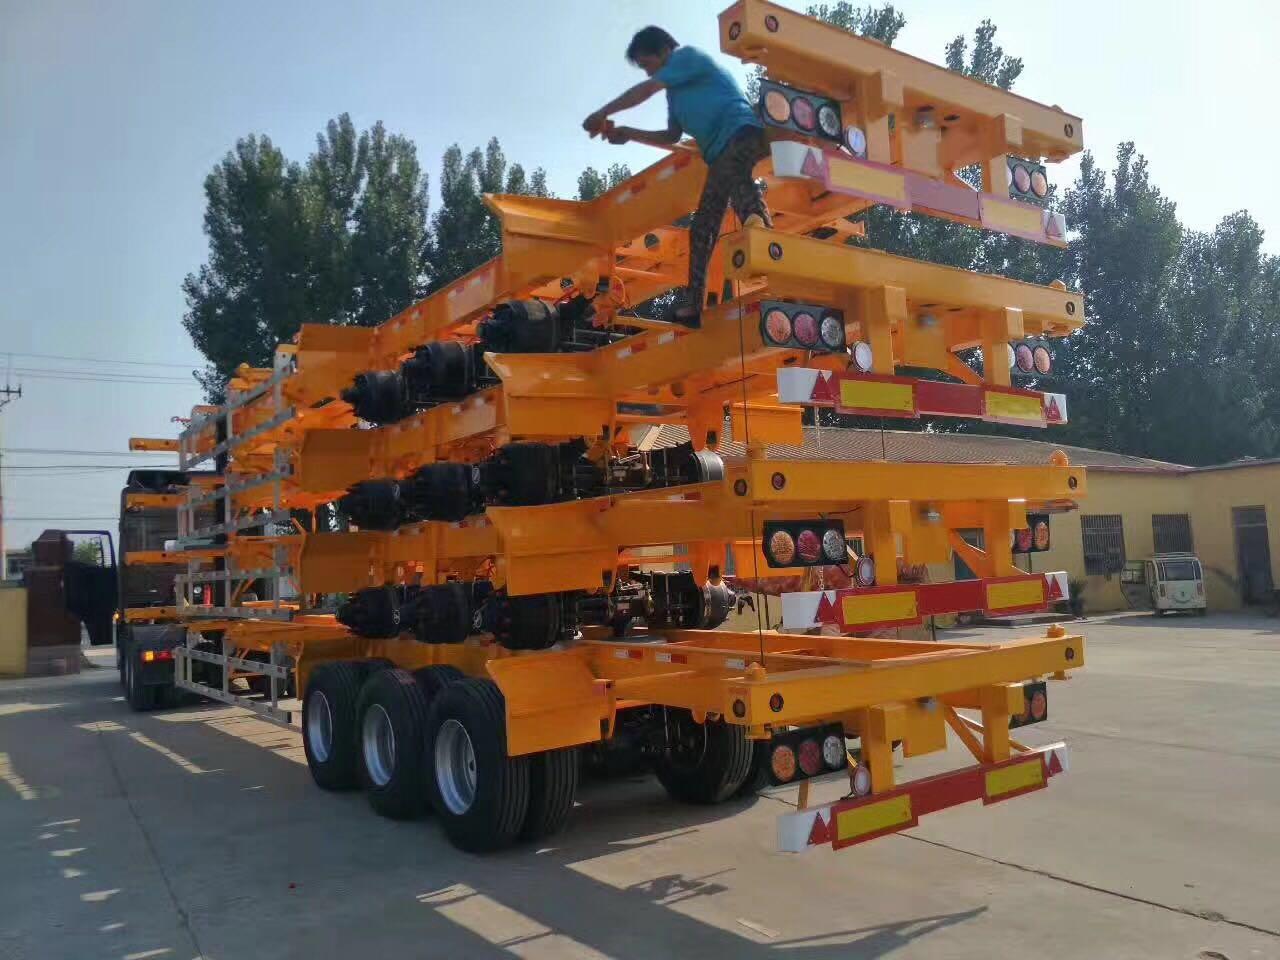 13米高栏车皮重多少吨赤壁市迎来